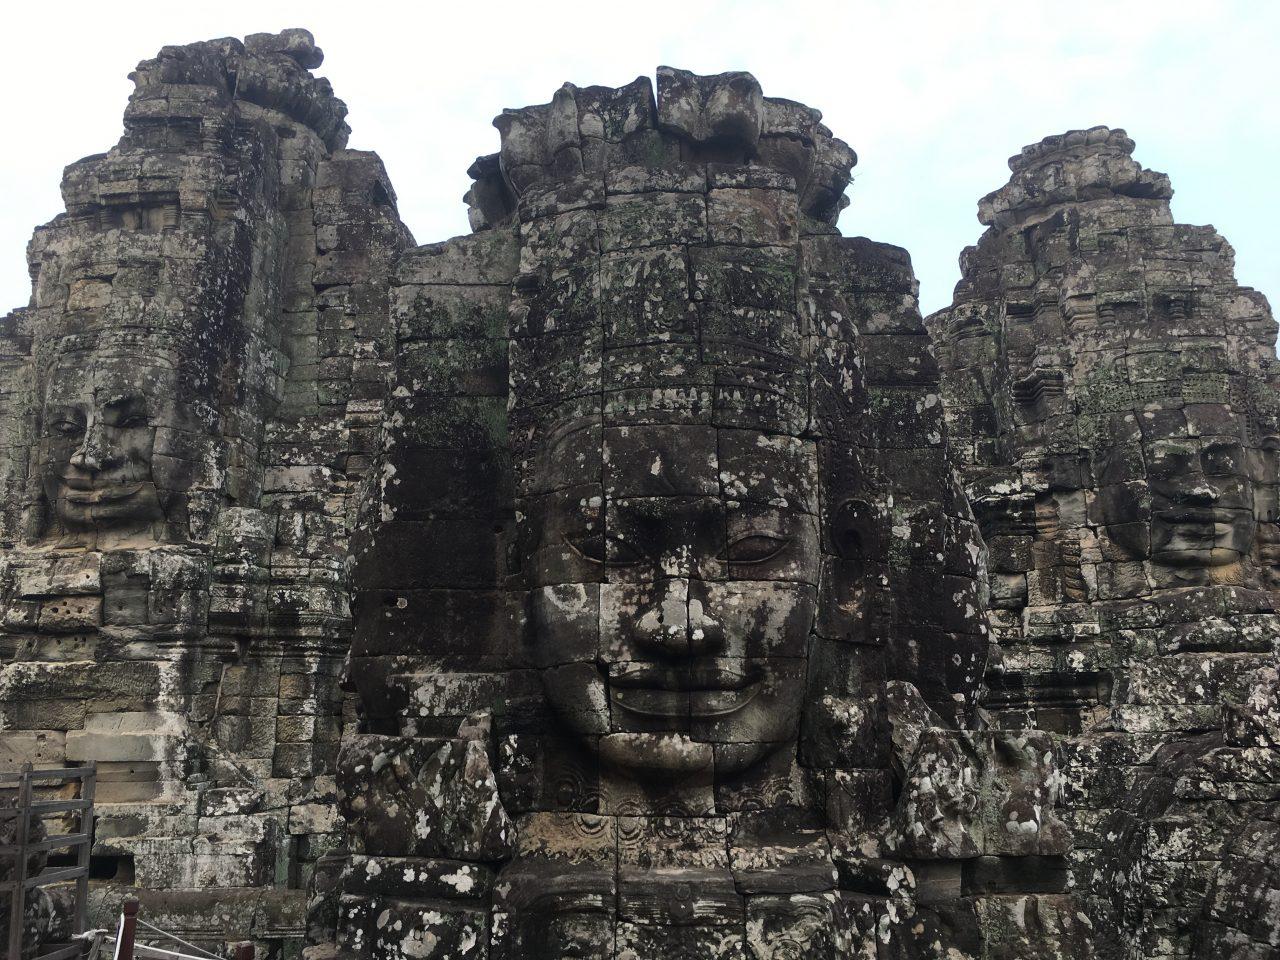 Kamboçyanın para birimi: tarih, döviz, fotoğraf 85